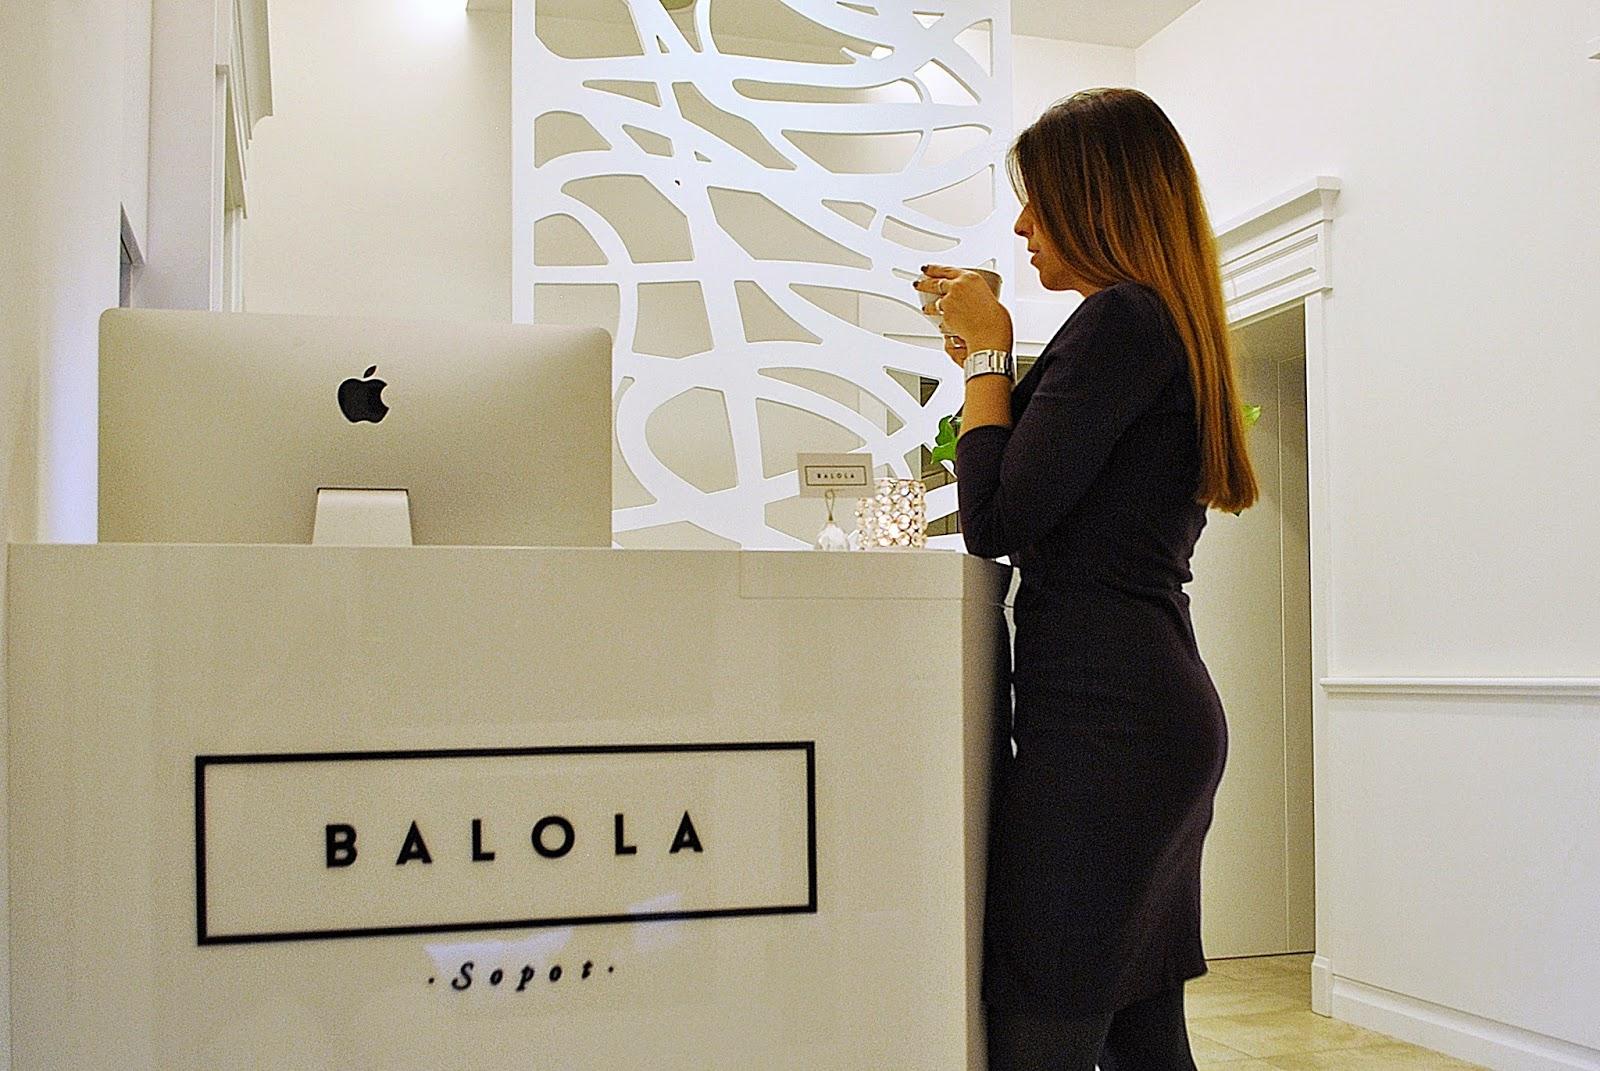 balola_sopot